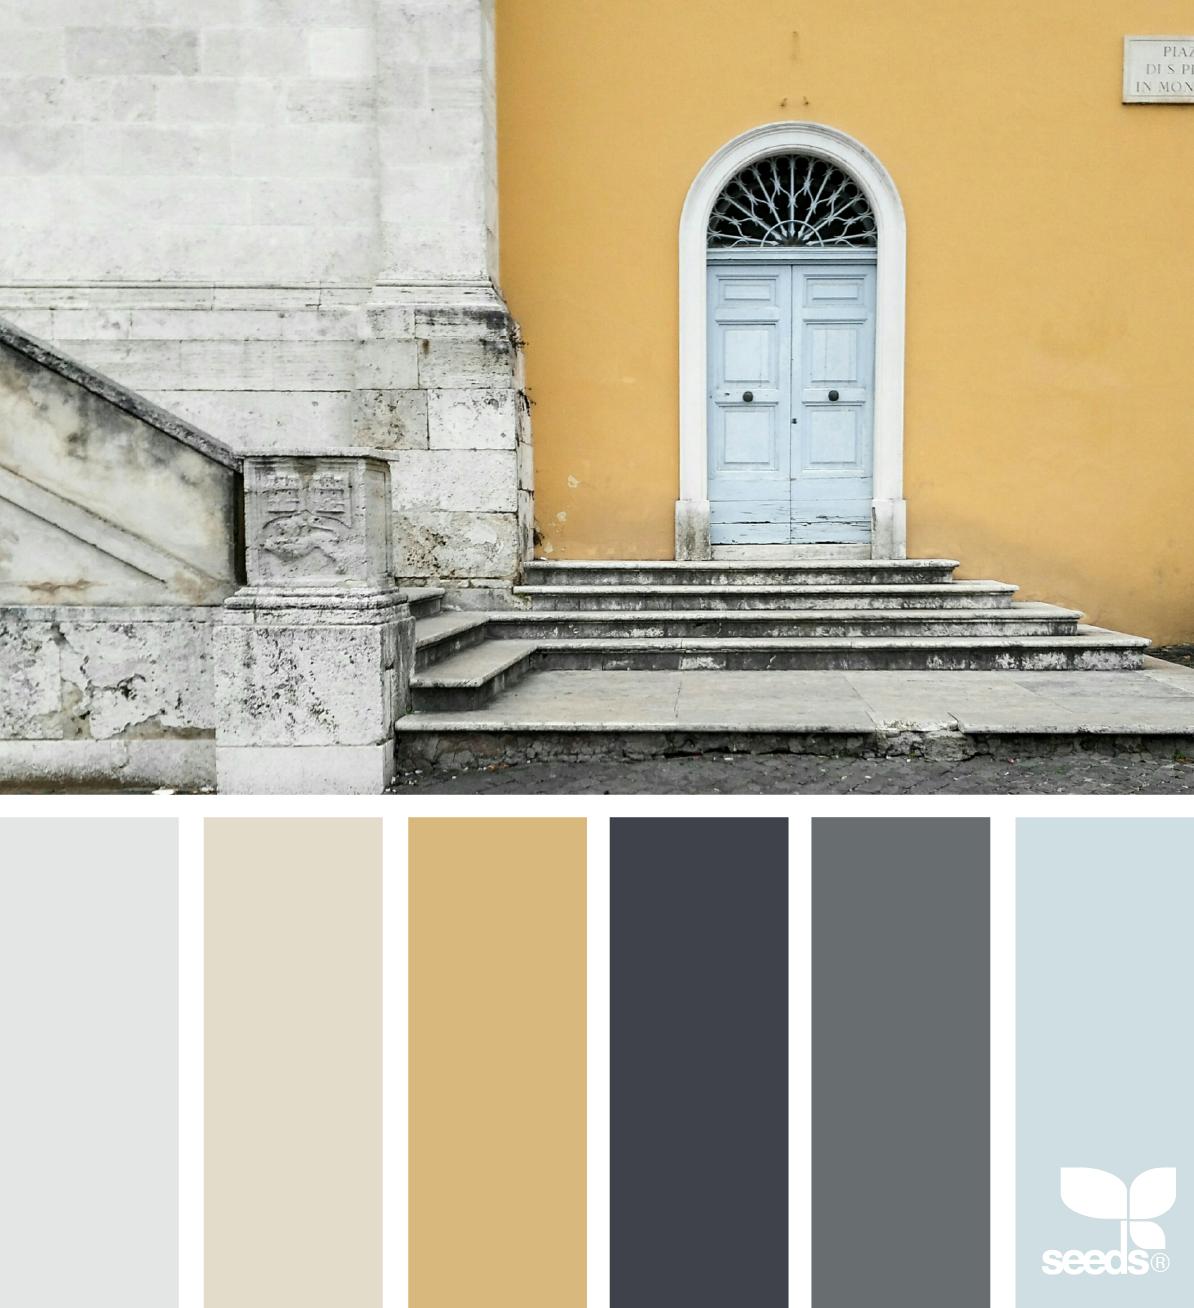 Df5411 esquemas de color casa exteriores con persianas negras - Combinaci N De Colores